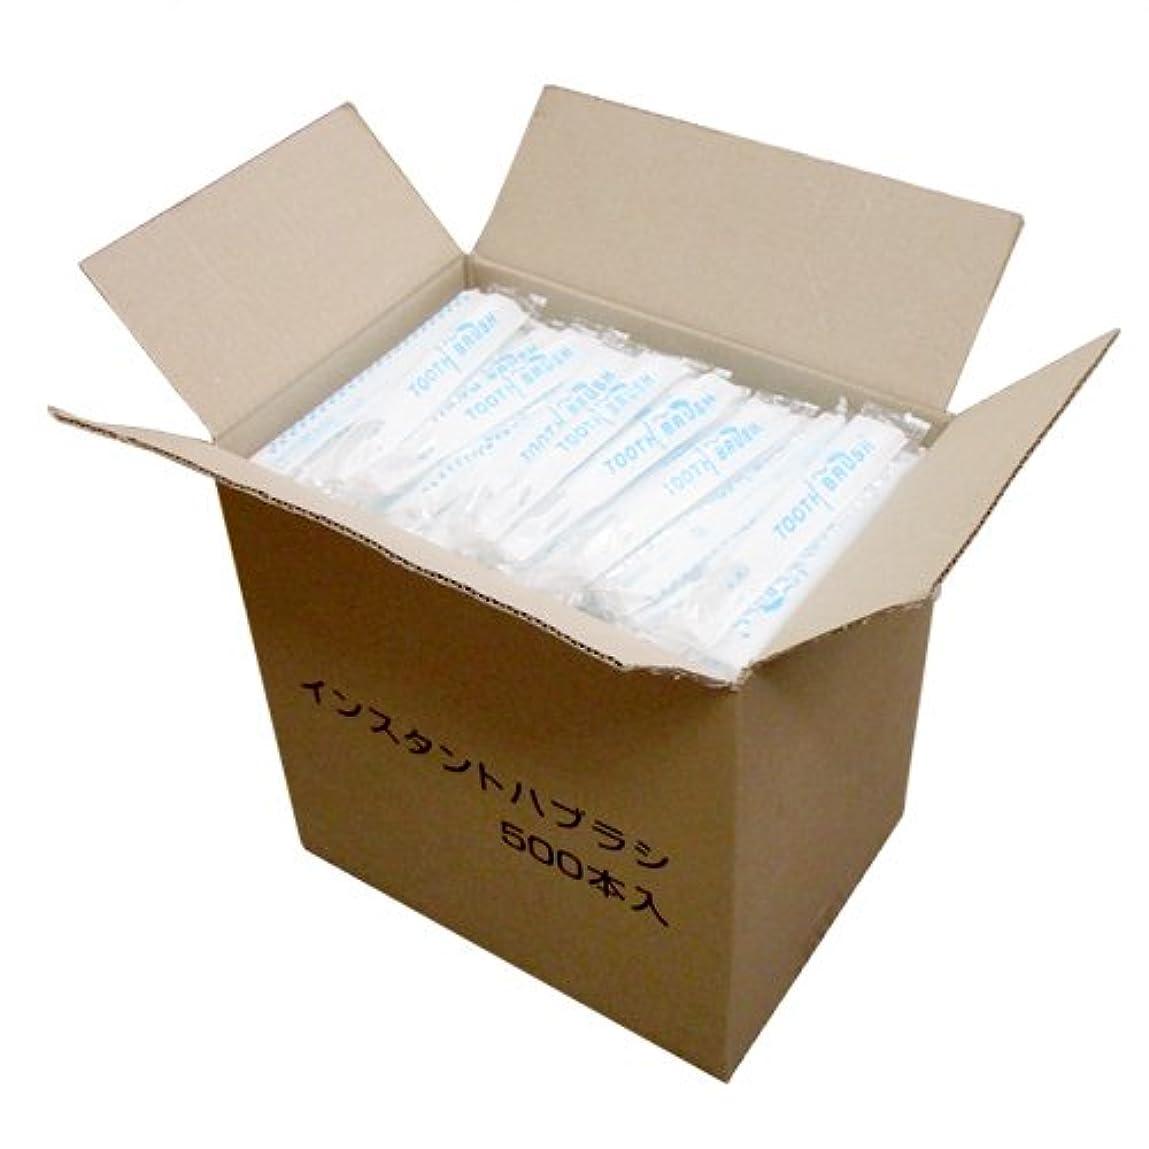 政治的優しい明らかにする業務用 日本製 使い捨て粉付き歯ブラシ 個包装タイプ 500本入×8箱 (4000本入)│ホテルアメニティ